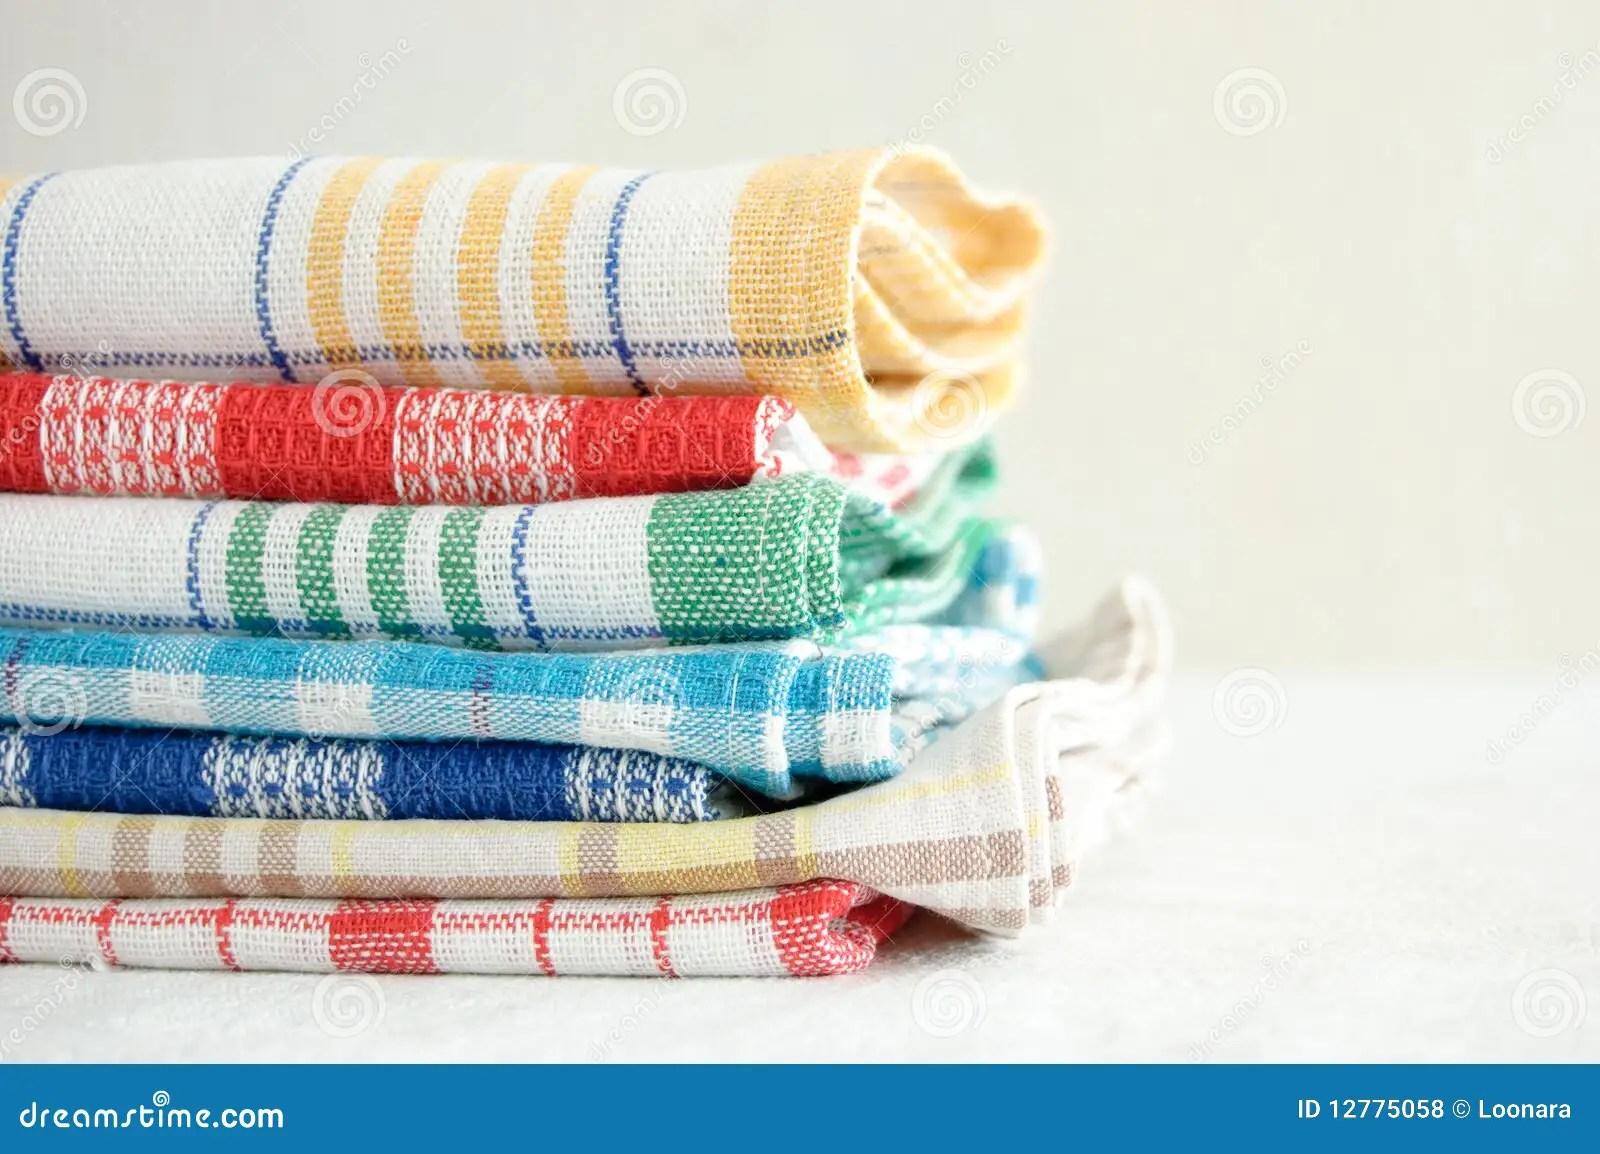 kitchen linens decor yellow 厨房亚麻布毛巾库存照片 图片包括有餐巾 重点 格子花呢披肩 绿色 厨房亚麻布毛巾